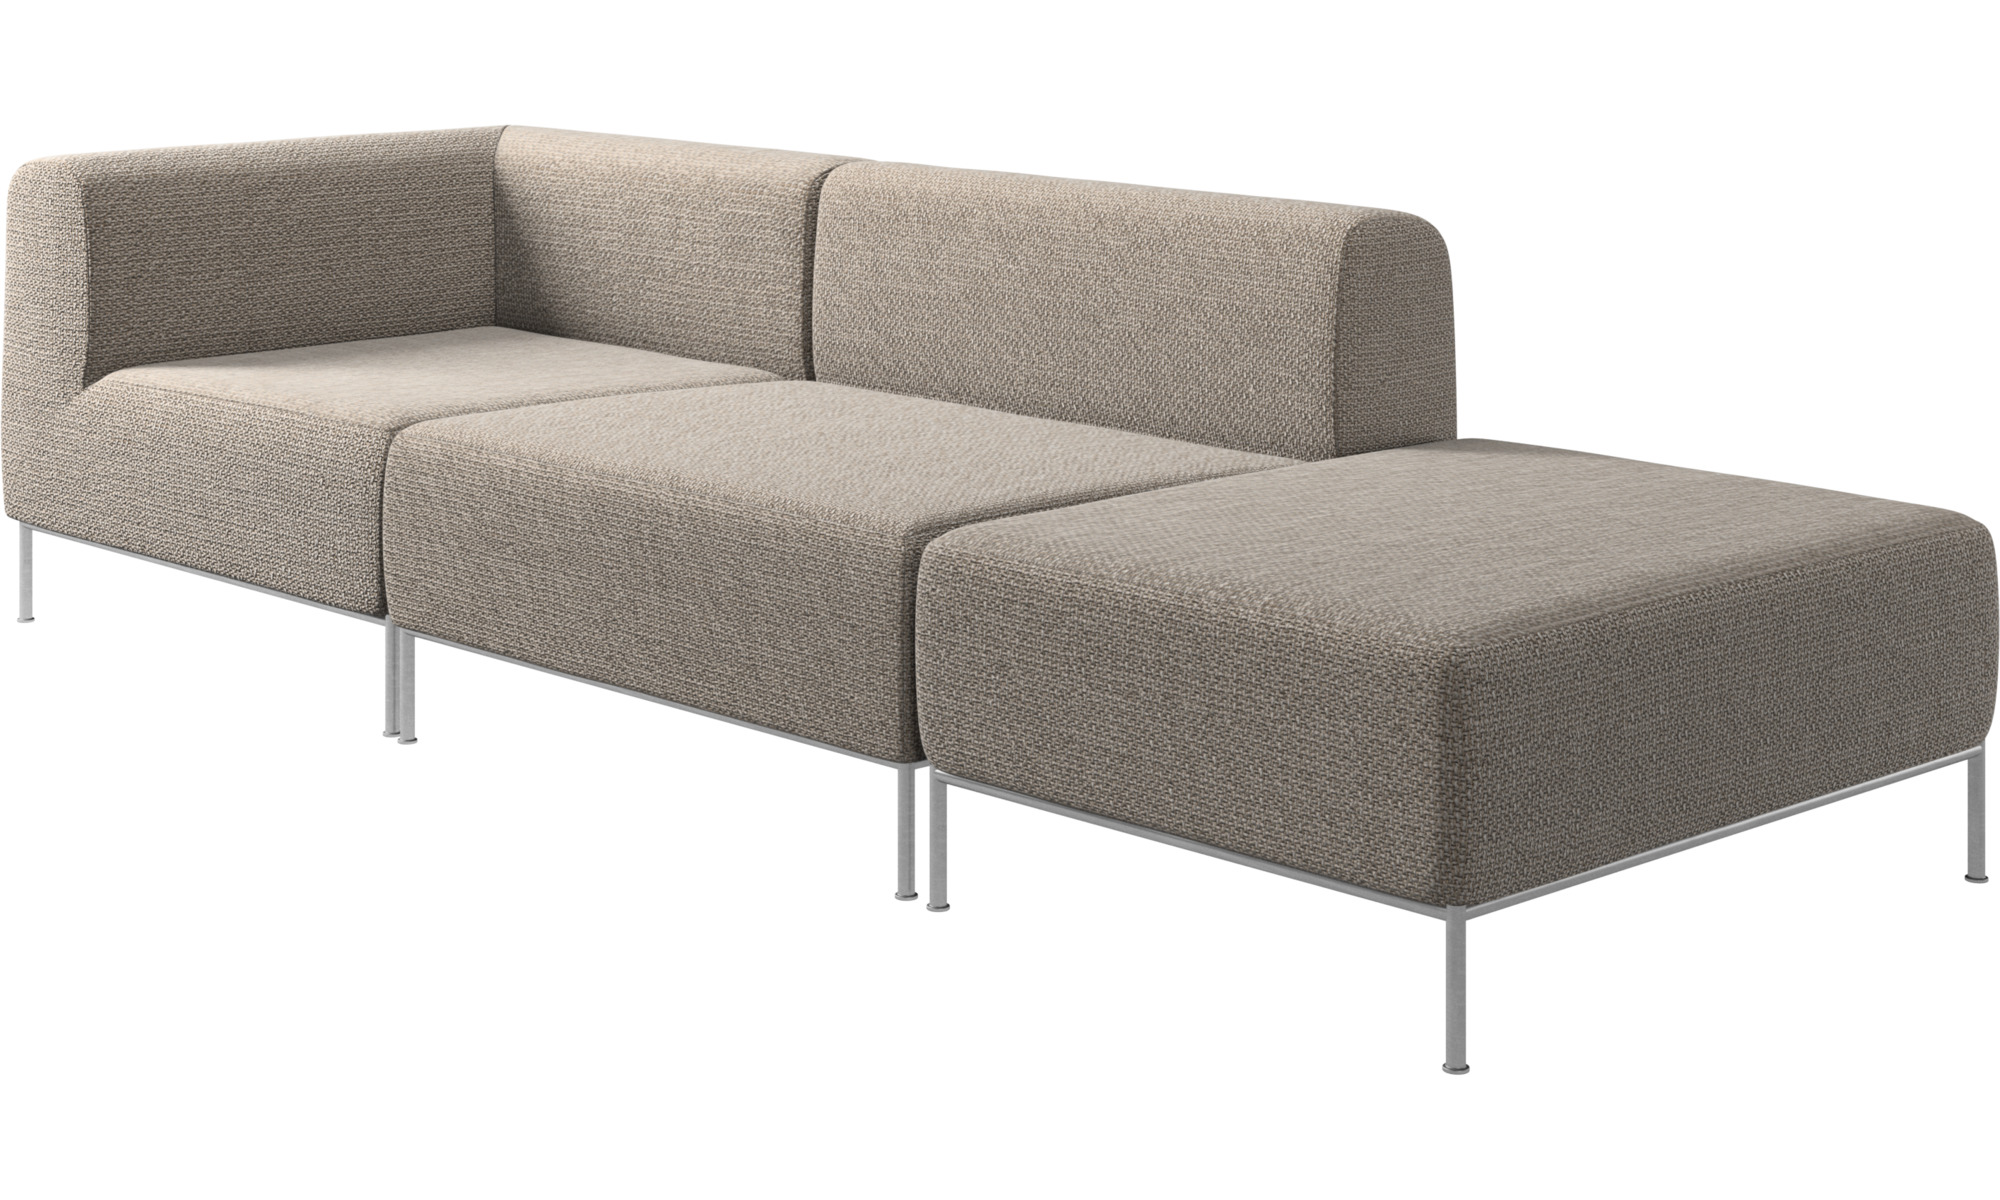 Modular Sofas Miami Sofa With